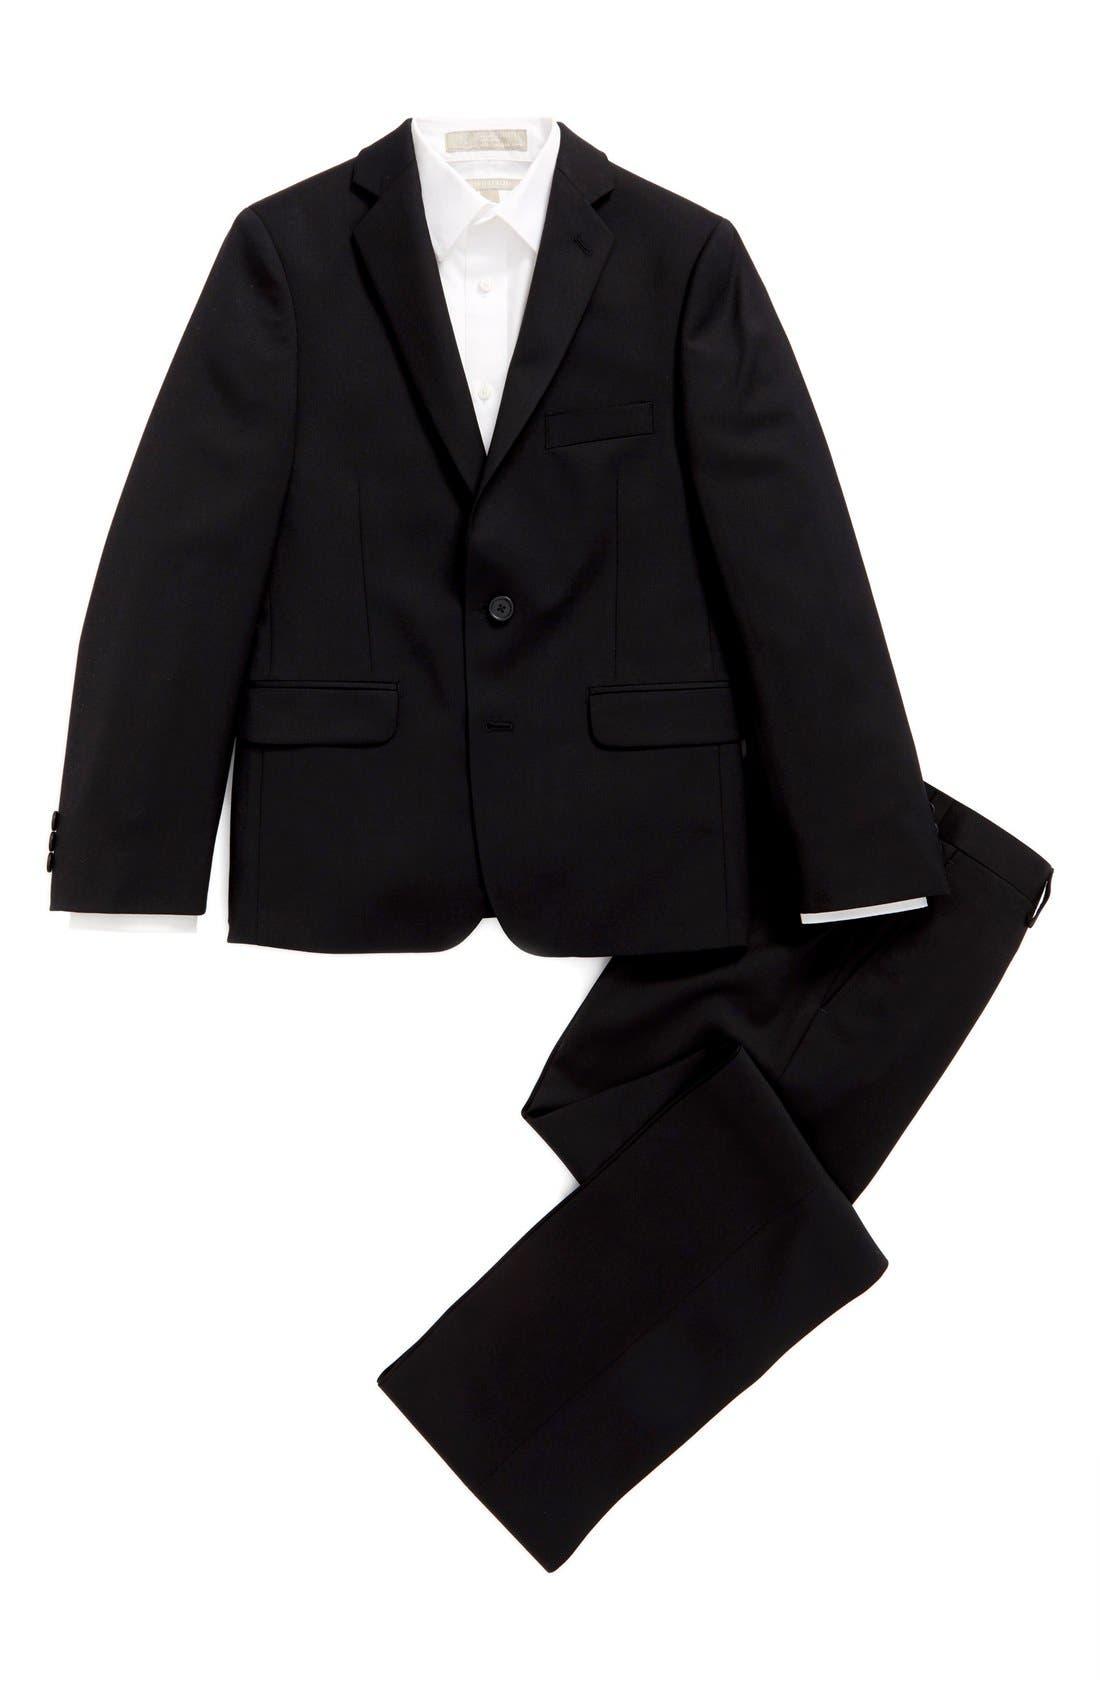 'Tonal Neat' Wool Suit,                             Main thumbnail 1, color,                             001